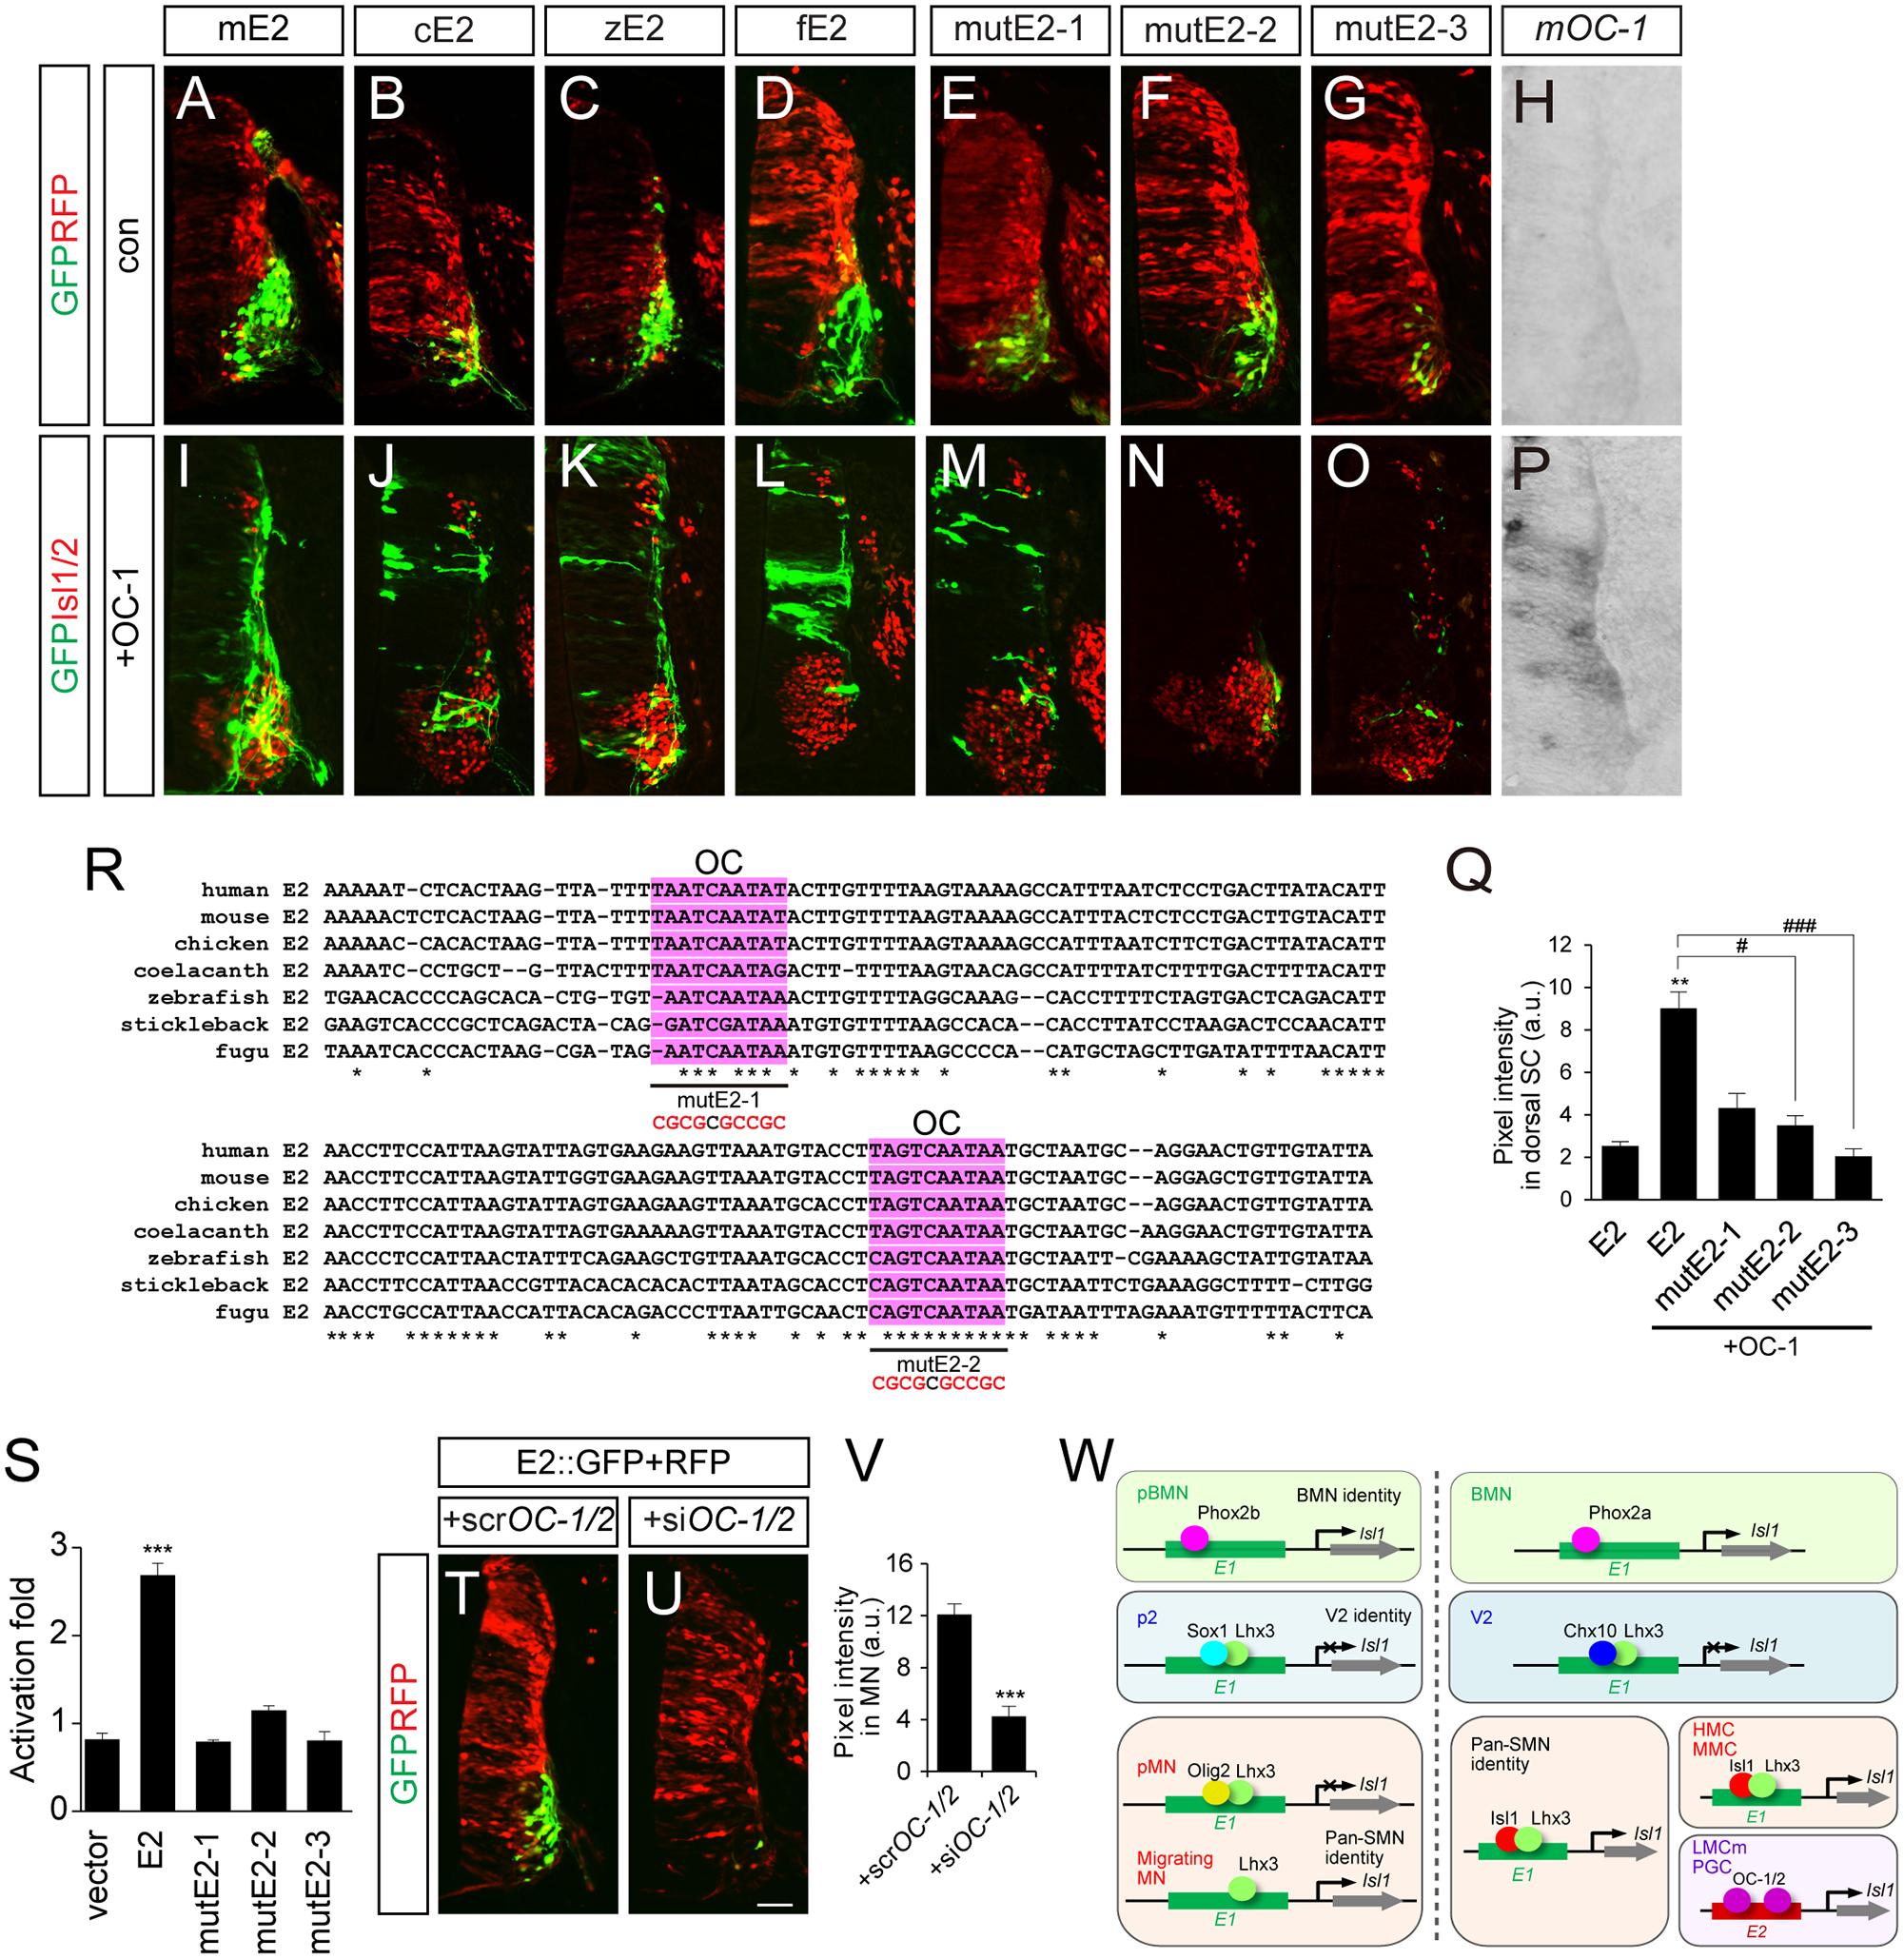 OC-1 activates the E2 enhancer in LMC neurons.